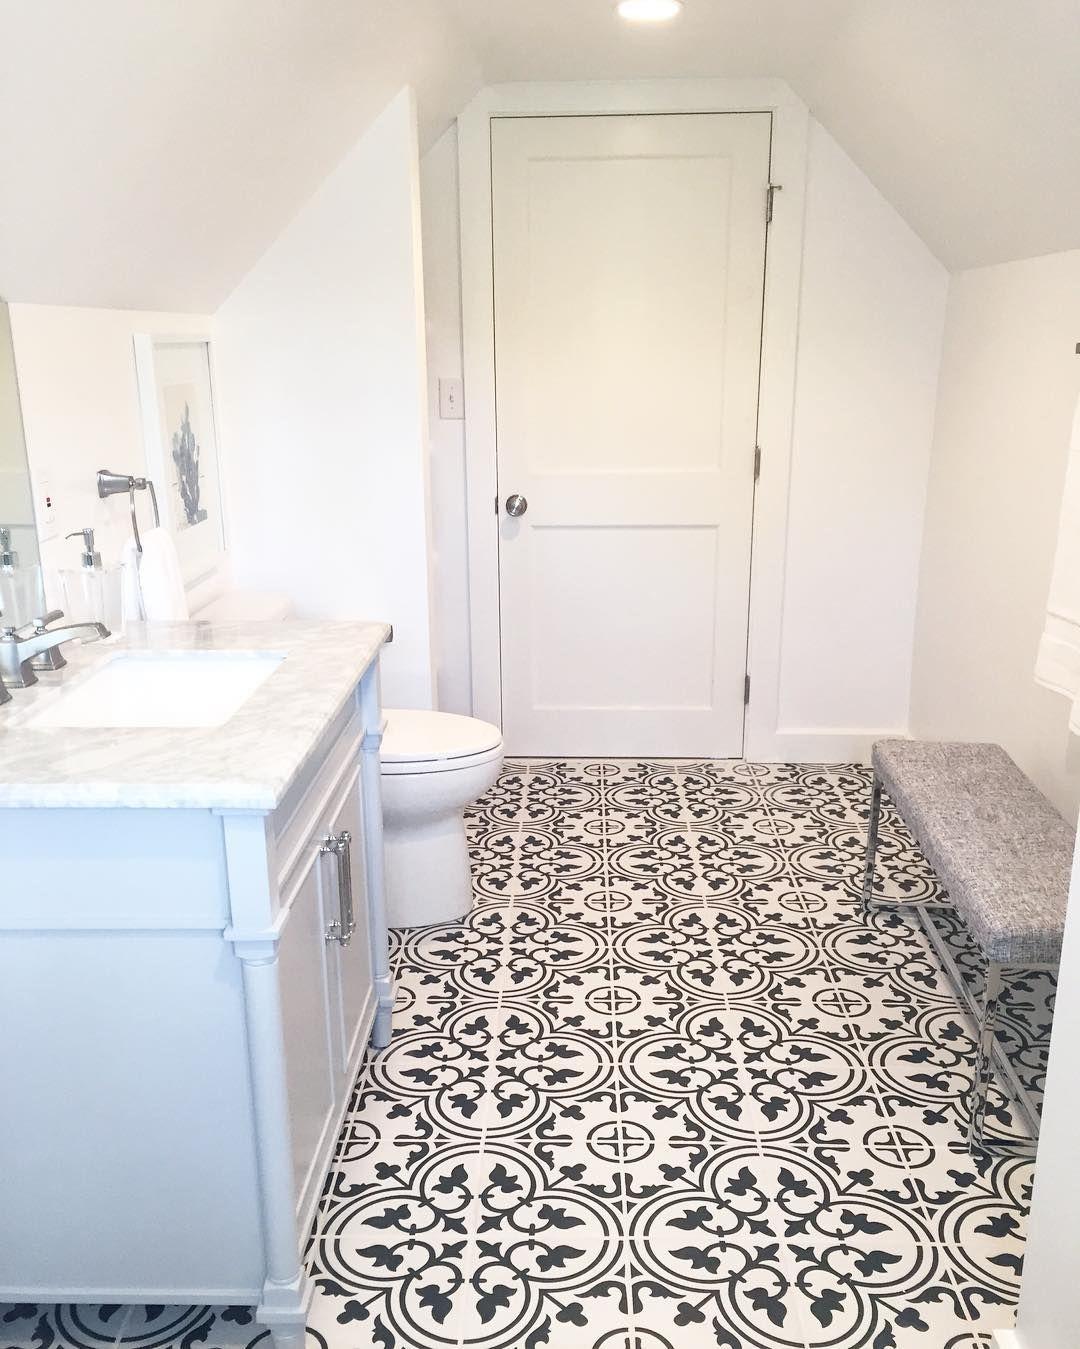 Biała łazienka Na Poddaszu I Płytki Typu Mozaika Modnie I